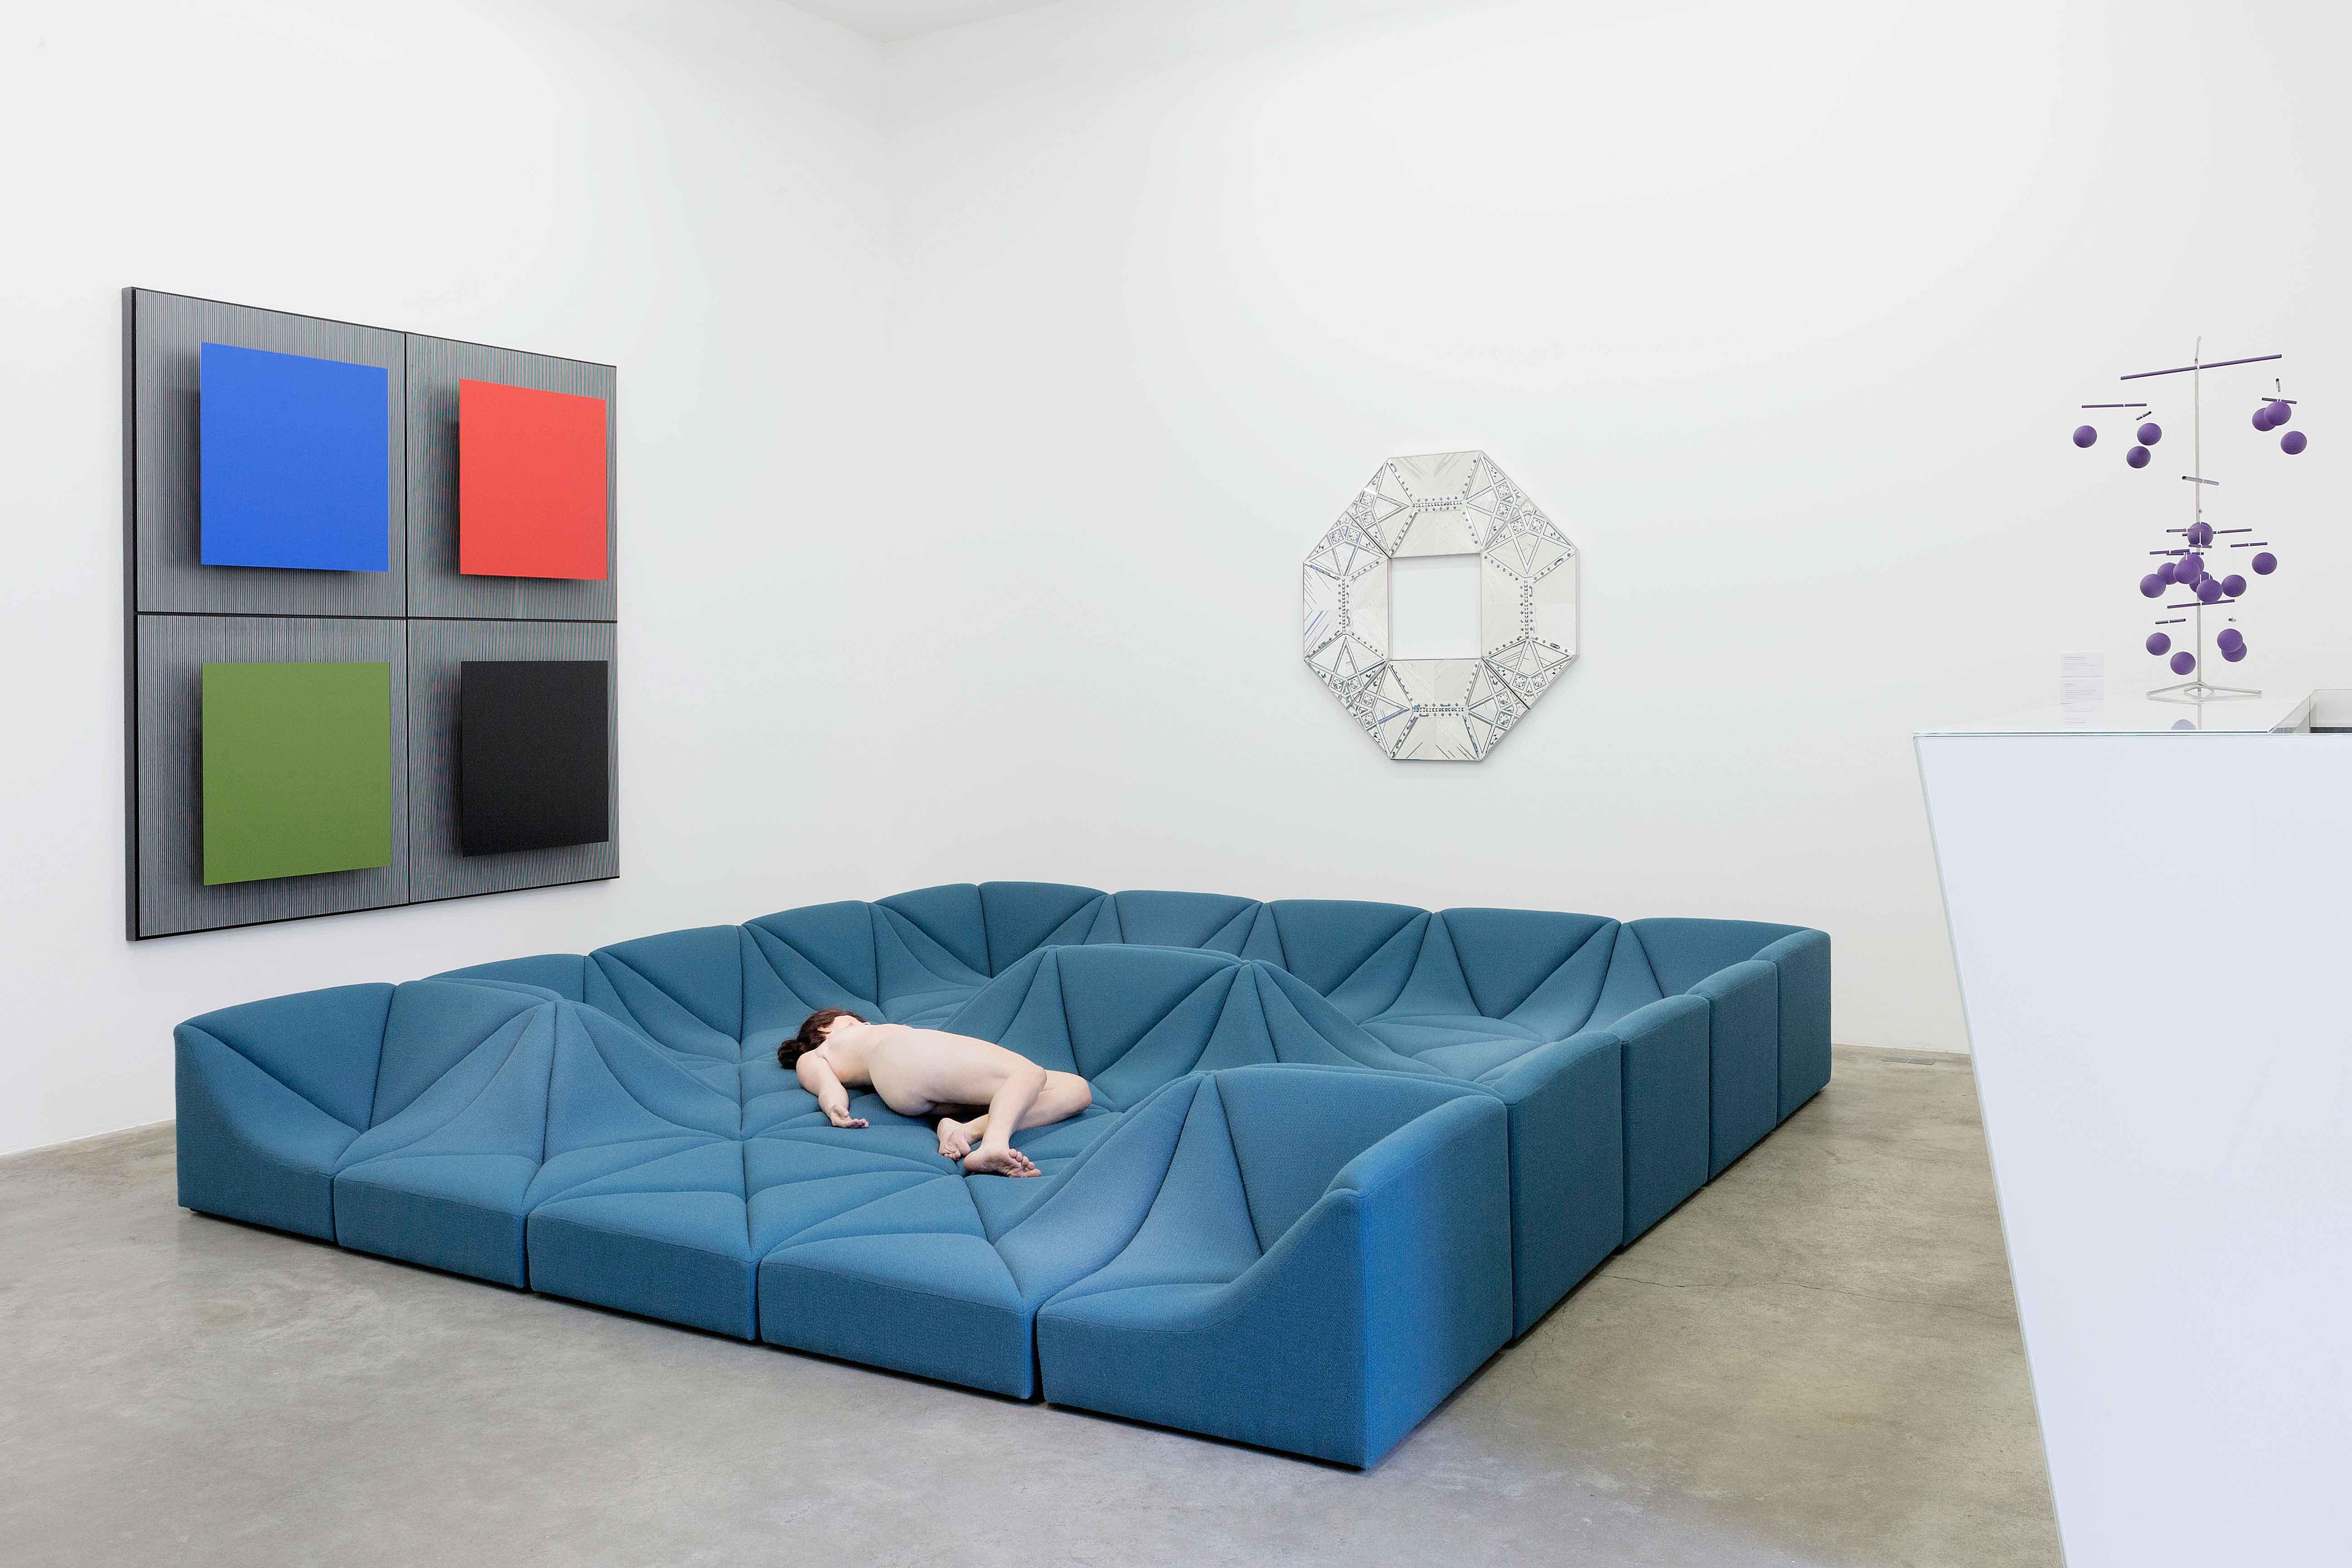 la galerie perrotin c l bre pierre paulin designer visionnaire et atypique num ro magazine. Black Bedroom Furniture Sets. Home Design Ideas